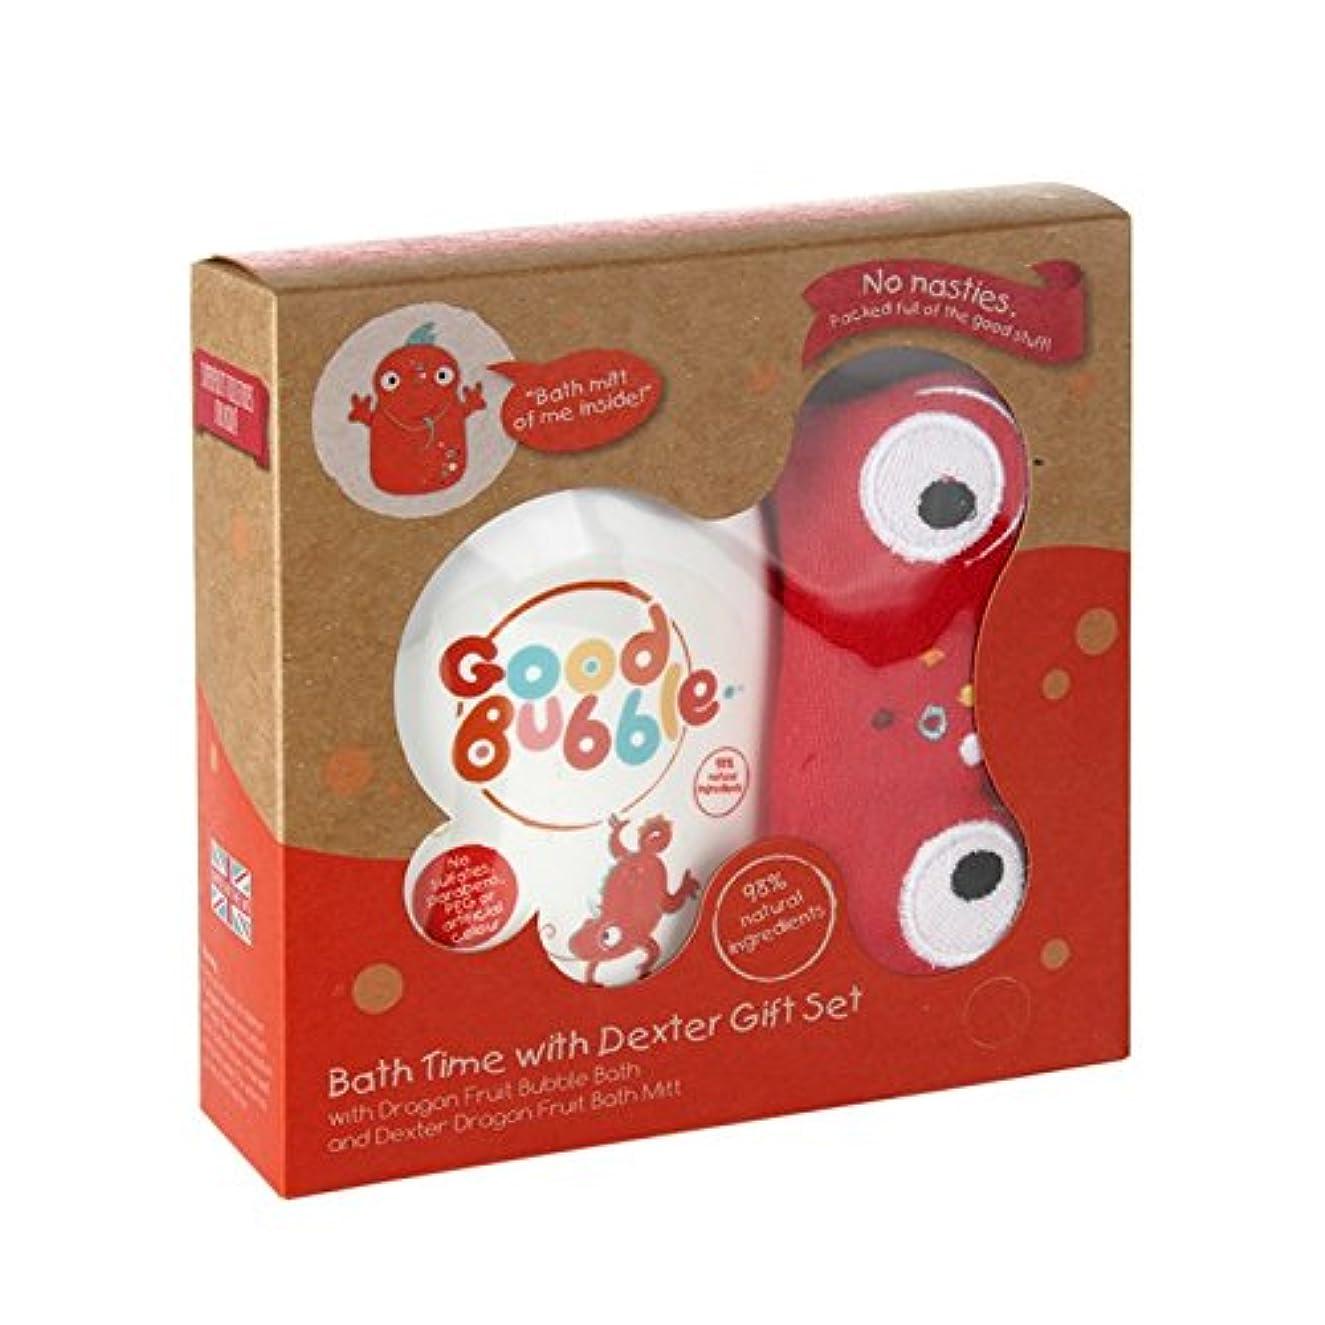 ステッチ瞑想的ラバ良いバブルデクスターDragonfruitギフトセット550グラム - Good Bubble Dexter Dragonfruit Gift Set 550g (Good Bubble) [並行輸入品]